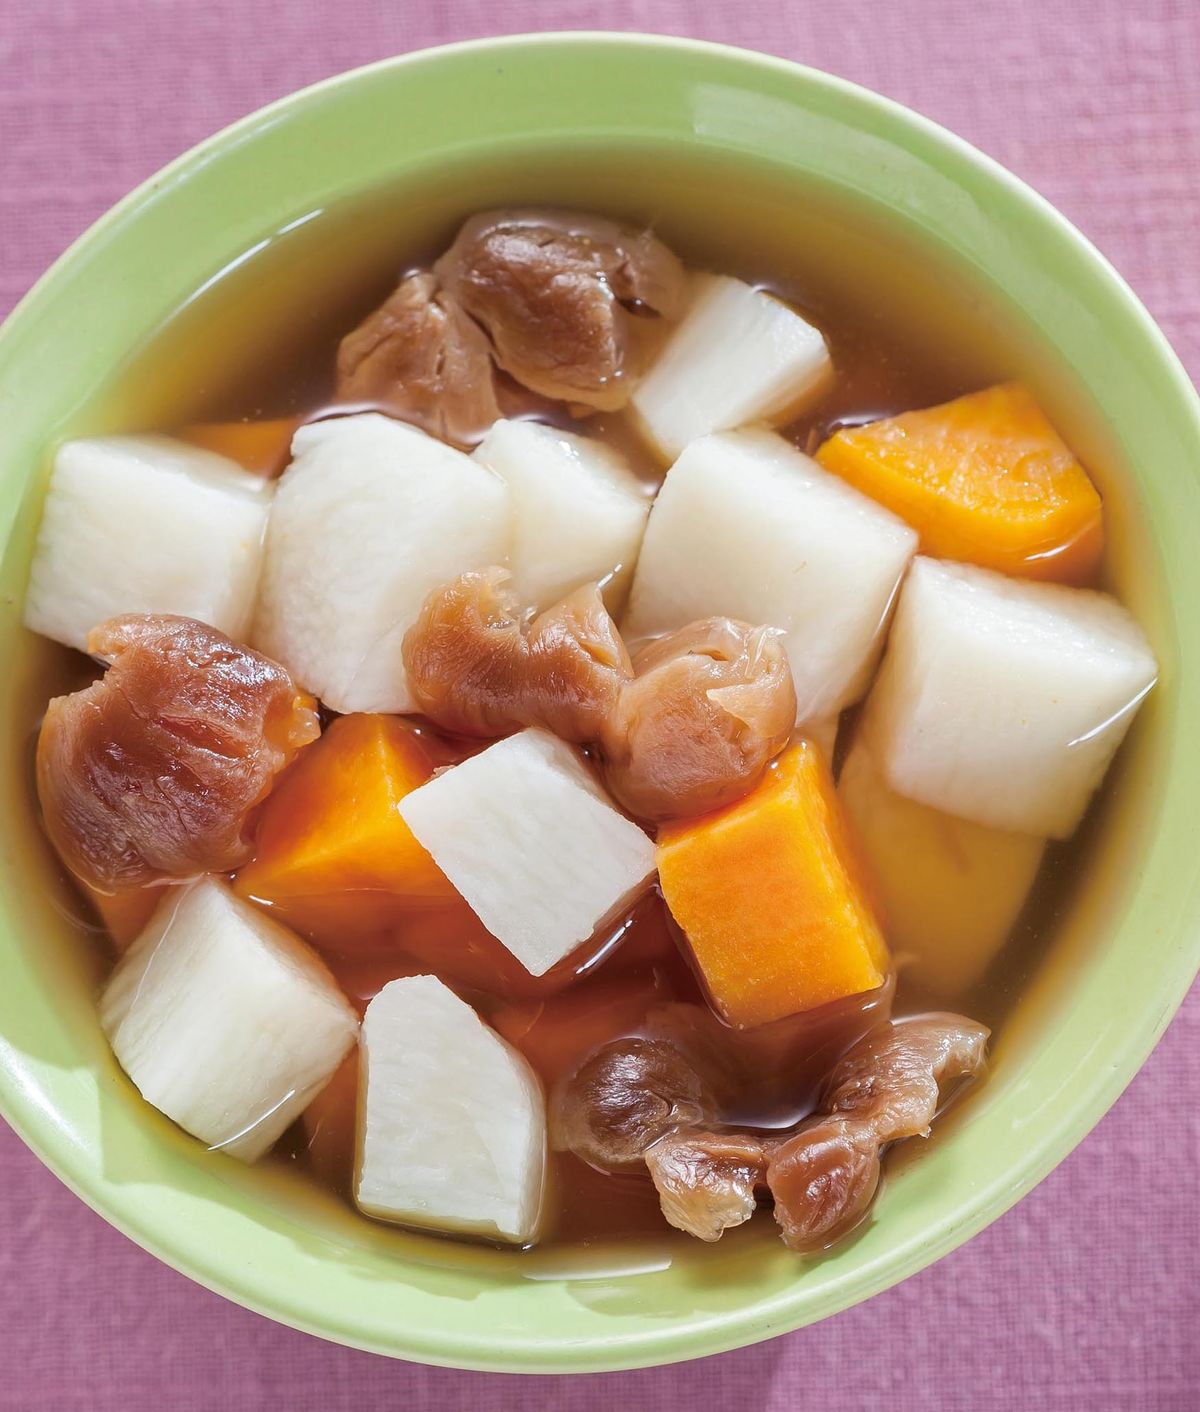 食譜:桂圓山藥地瓜湯